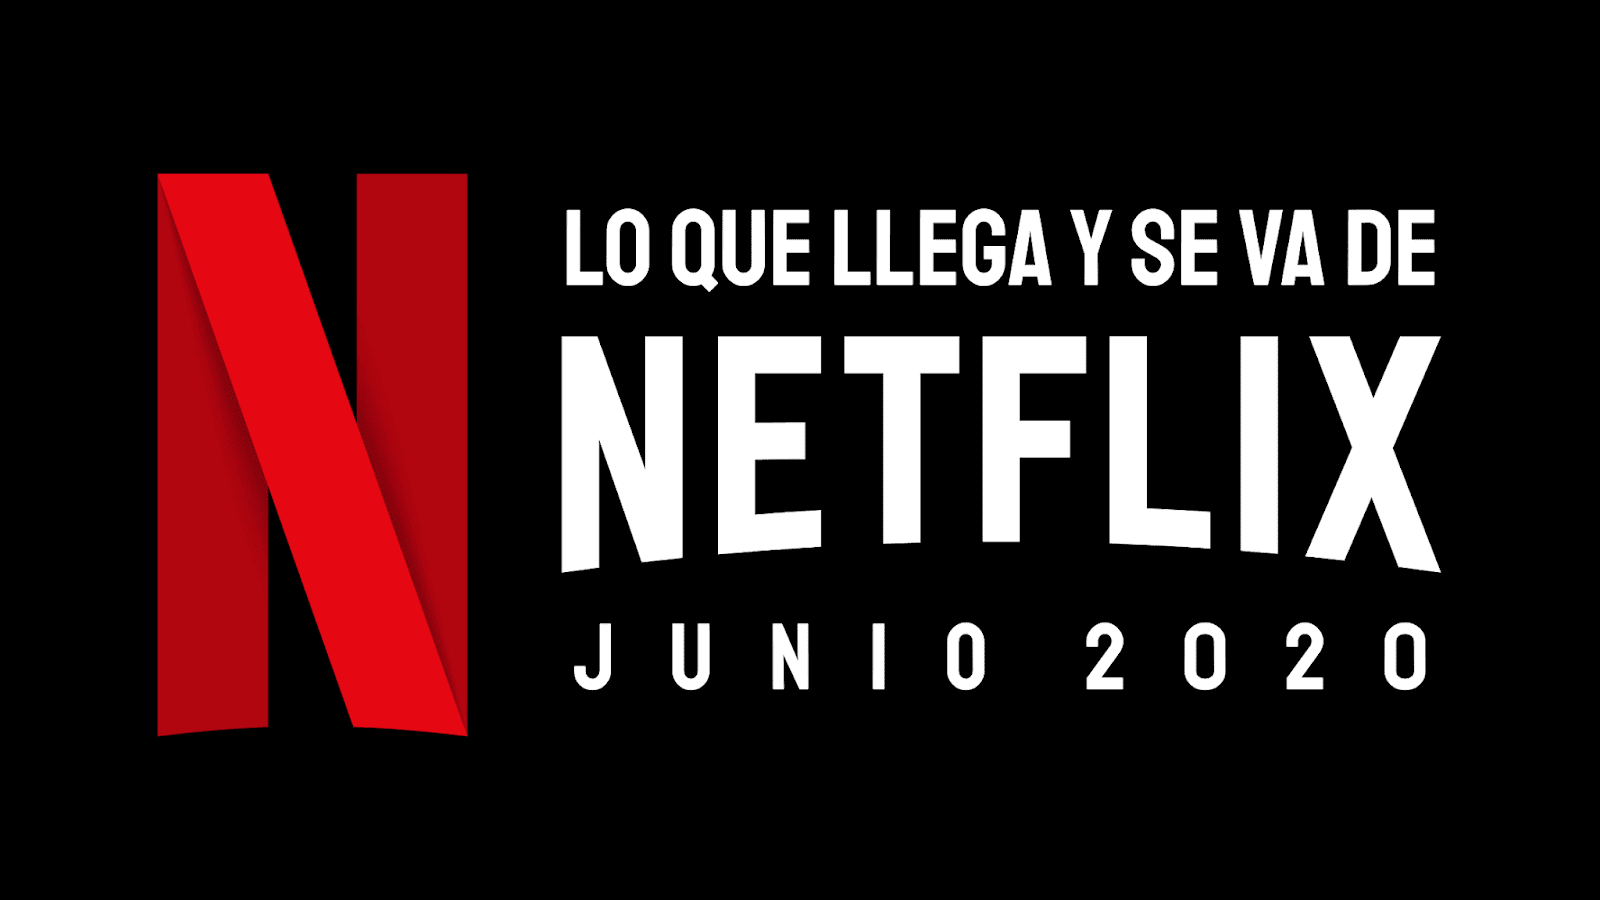 Estrenos de Netflix en junio de 2020.